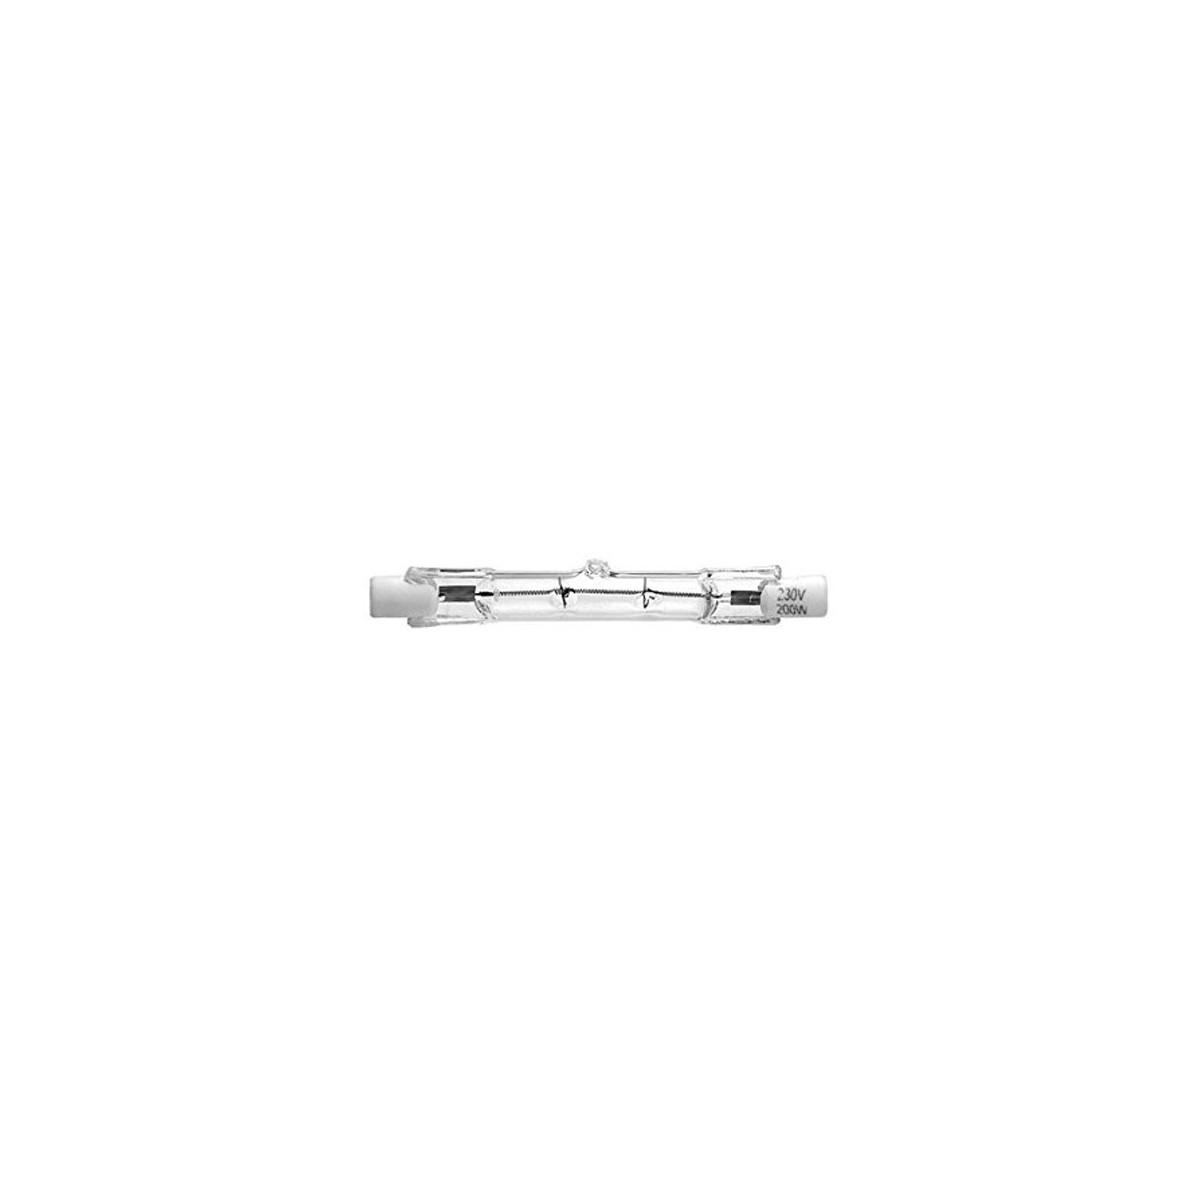 bombilla LINEAL CORTA R7S, 150W, 230V